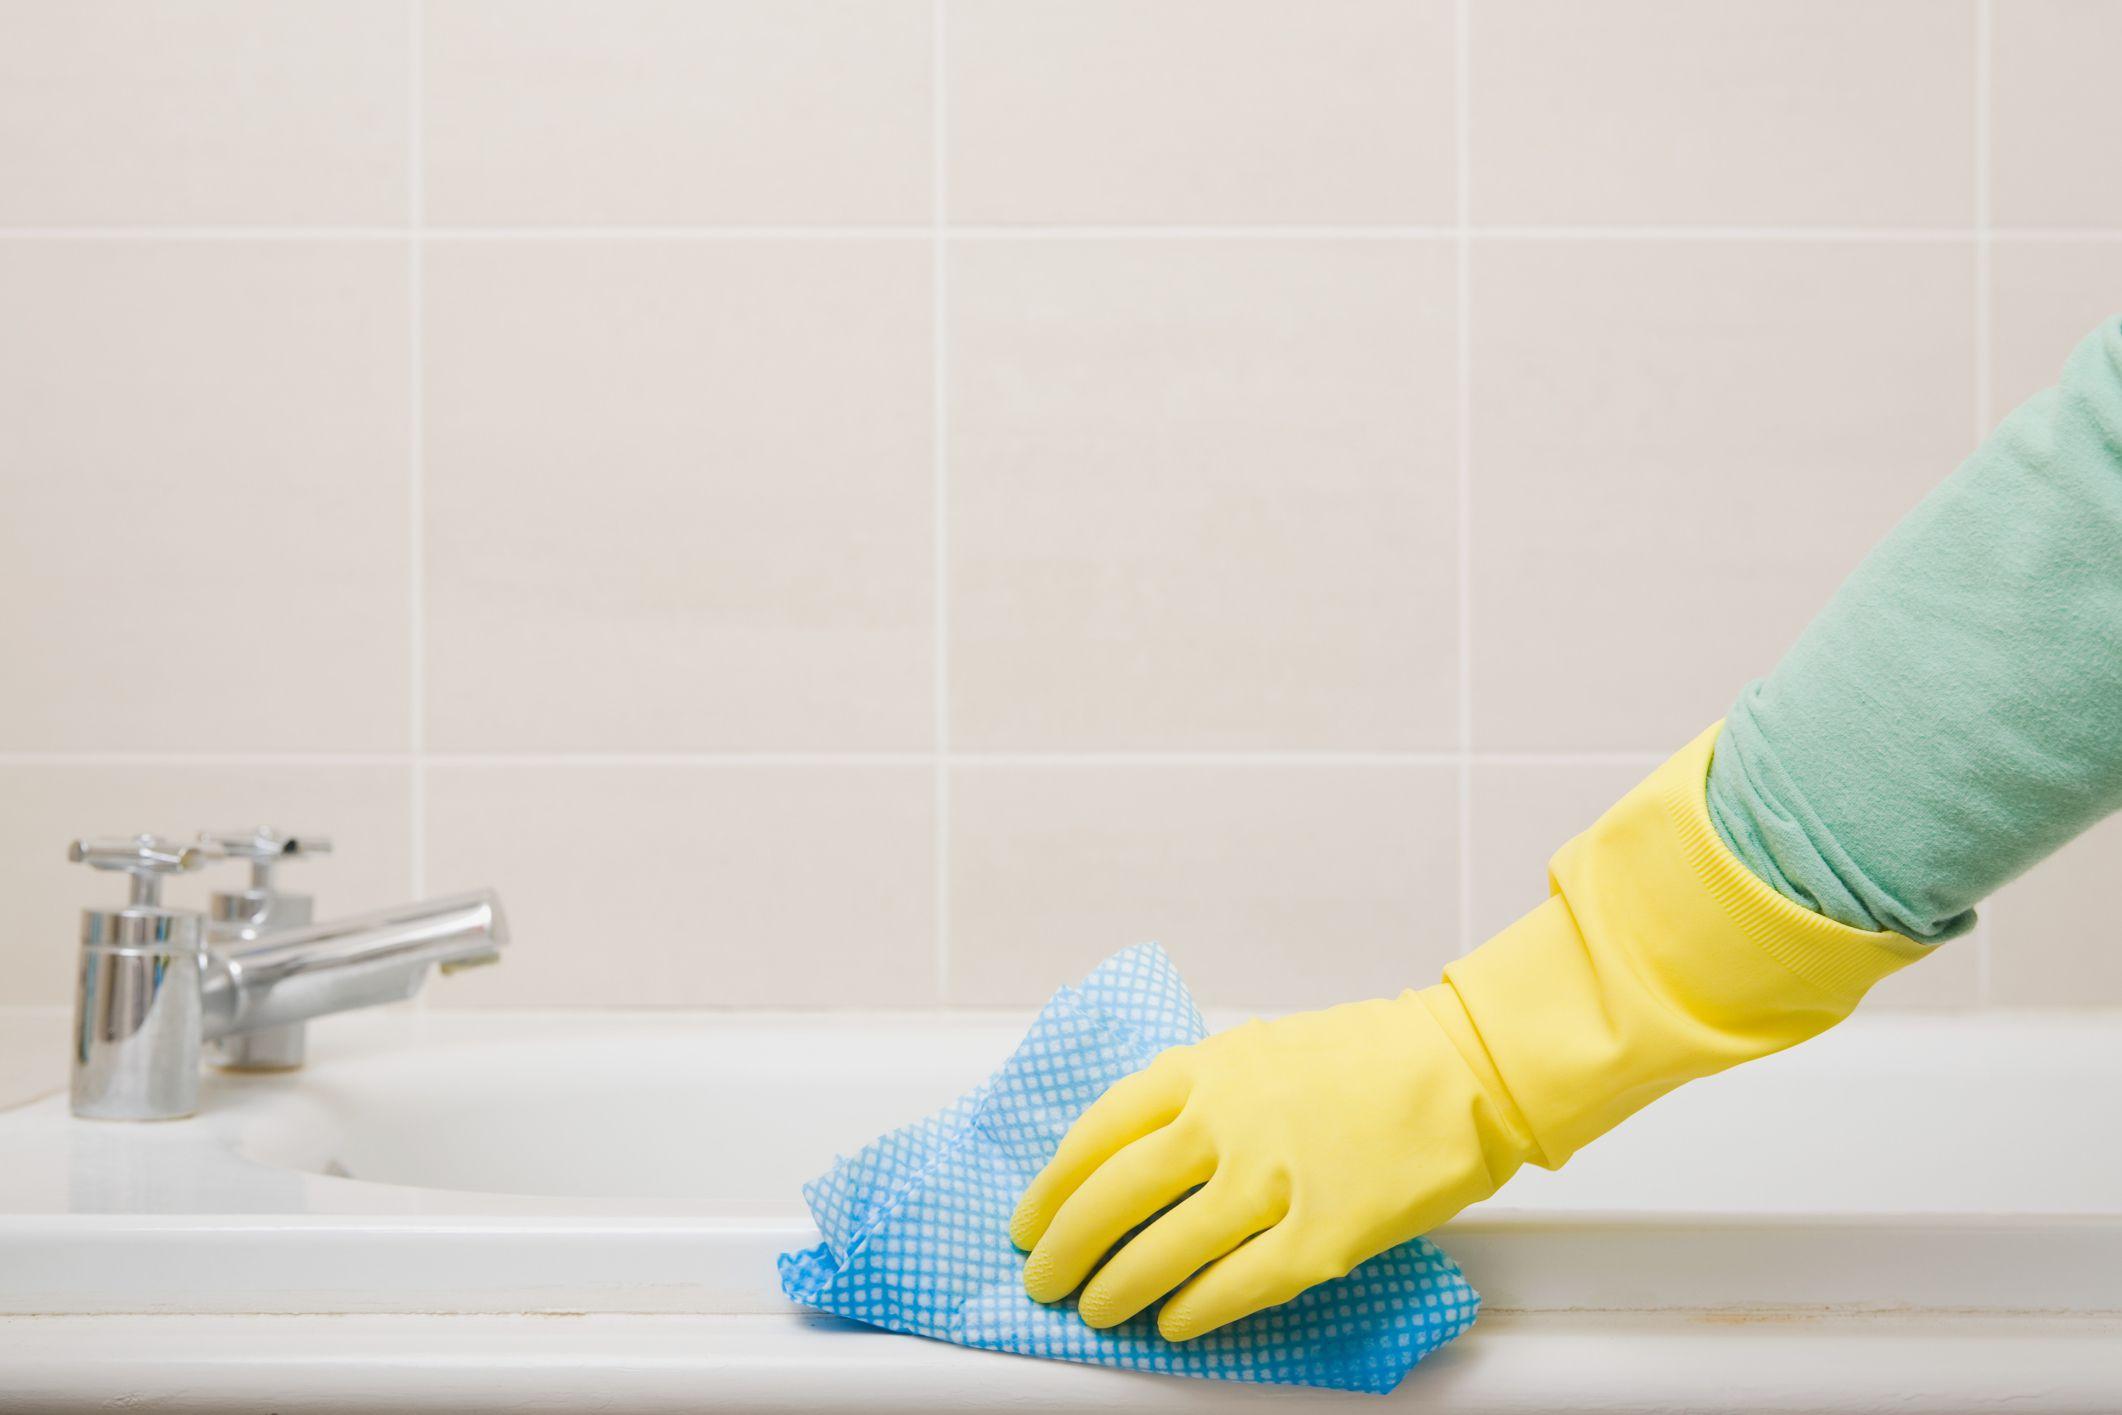 [Будет чисто] Как отмыть ванну от налета и ржавчины?